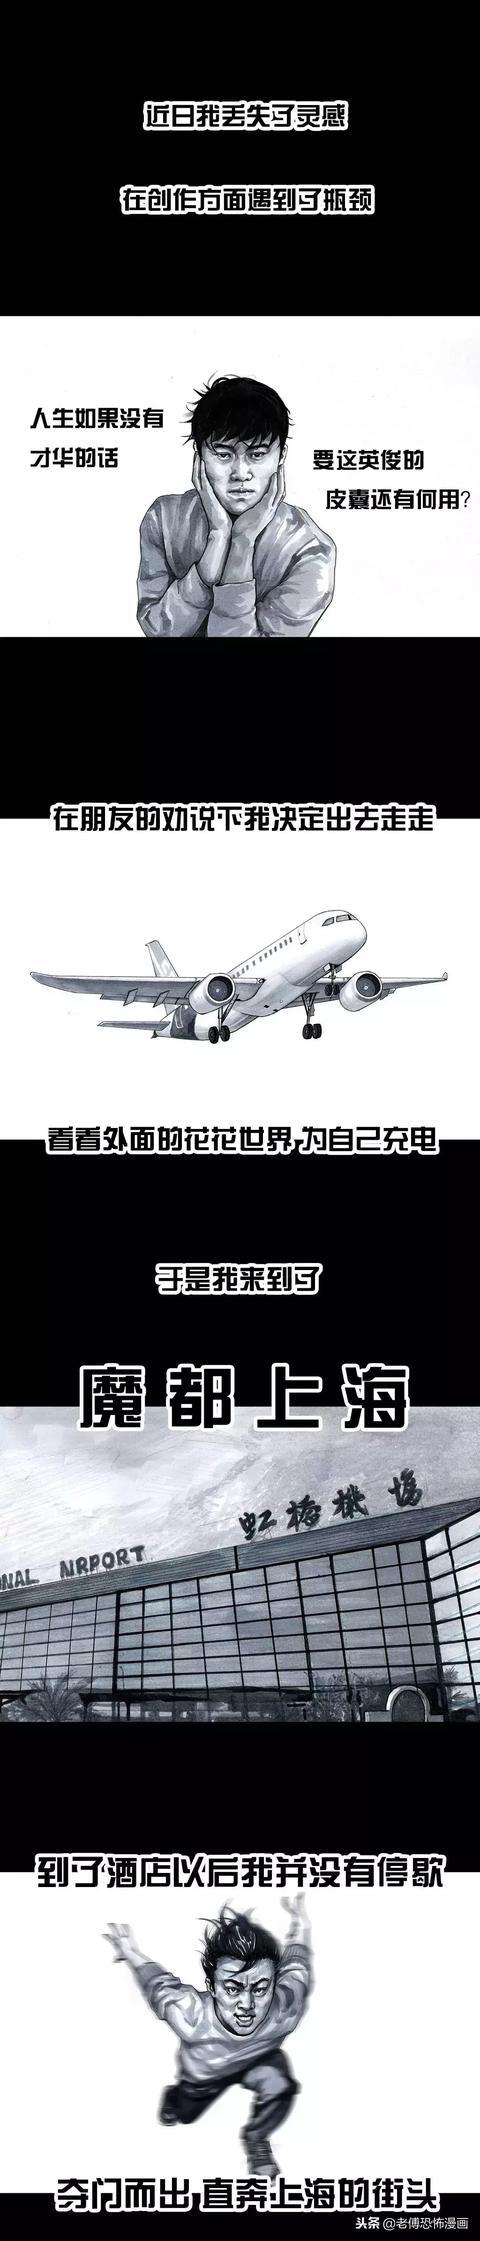 刘长江催眠师